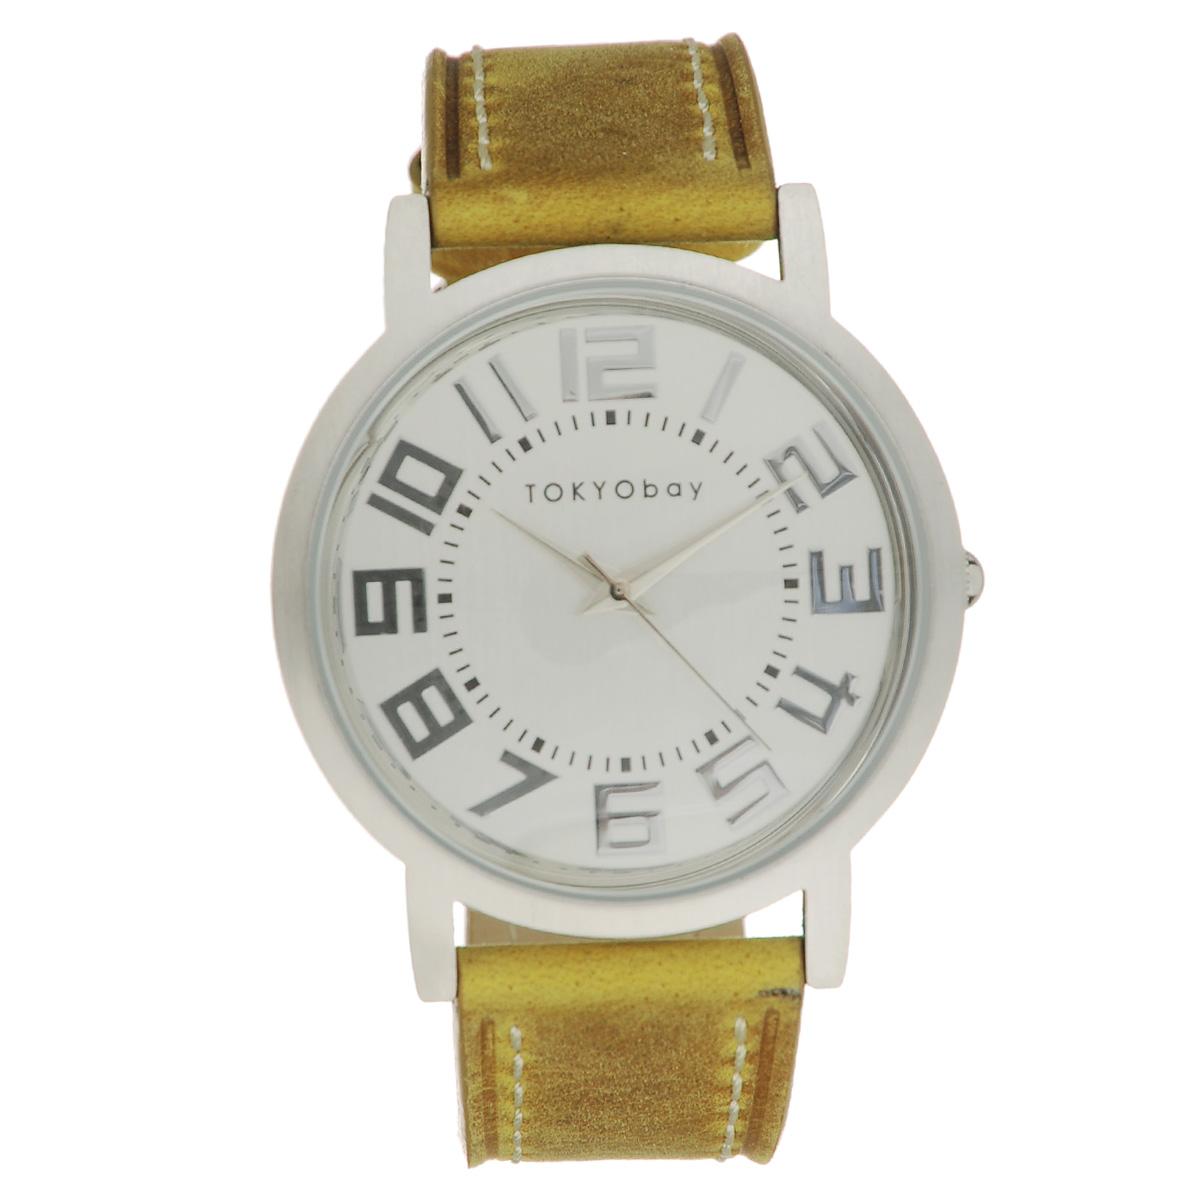 Часы женские наручные Tokyobay Platform, цвет: горчичный. T135-TANT135-TANНаручные часы Tokyobay - это стильное дополнение к вашему неповторимому образу. Эти часы созданы для современных женщин, ценящих стиль, качество и практичность. Часы оснащены японским кварцевым механизмом Miyota. Задняя крышка изготовлена из нержавеющей стали. Корпус изготовлен из металла. Циферблат оформлен крупными металлическими цифрами, имеются часовая, минутная и секундная стрелки. Ремешок выполнен из кожи, декорирован контрастной отстрочкой и застегивается на классическую застежку- пряжку. Часы Tokyobay - это практичный и модный аксессуар, который подчеркнет ваш безупречный вкус. Характеристики: Корпус: 3,8 х 3,8 х 0,8 см. Размер ремешка: 21 х 2,2 см. Не содержит никель. Не водостойкие.